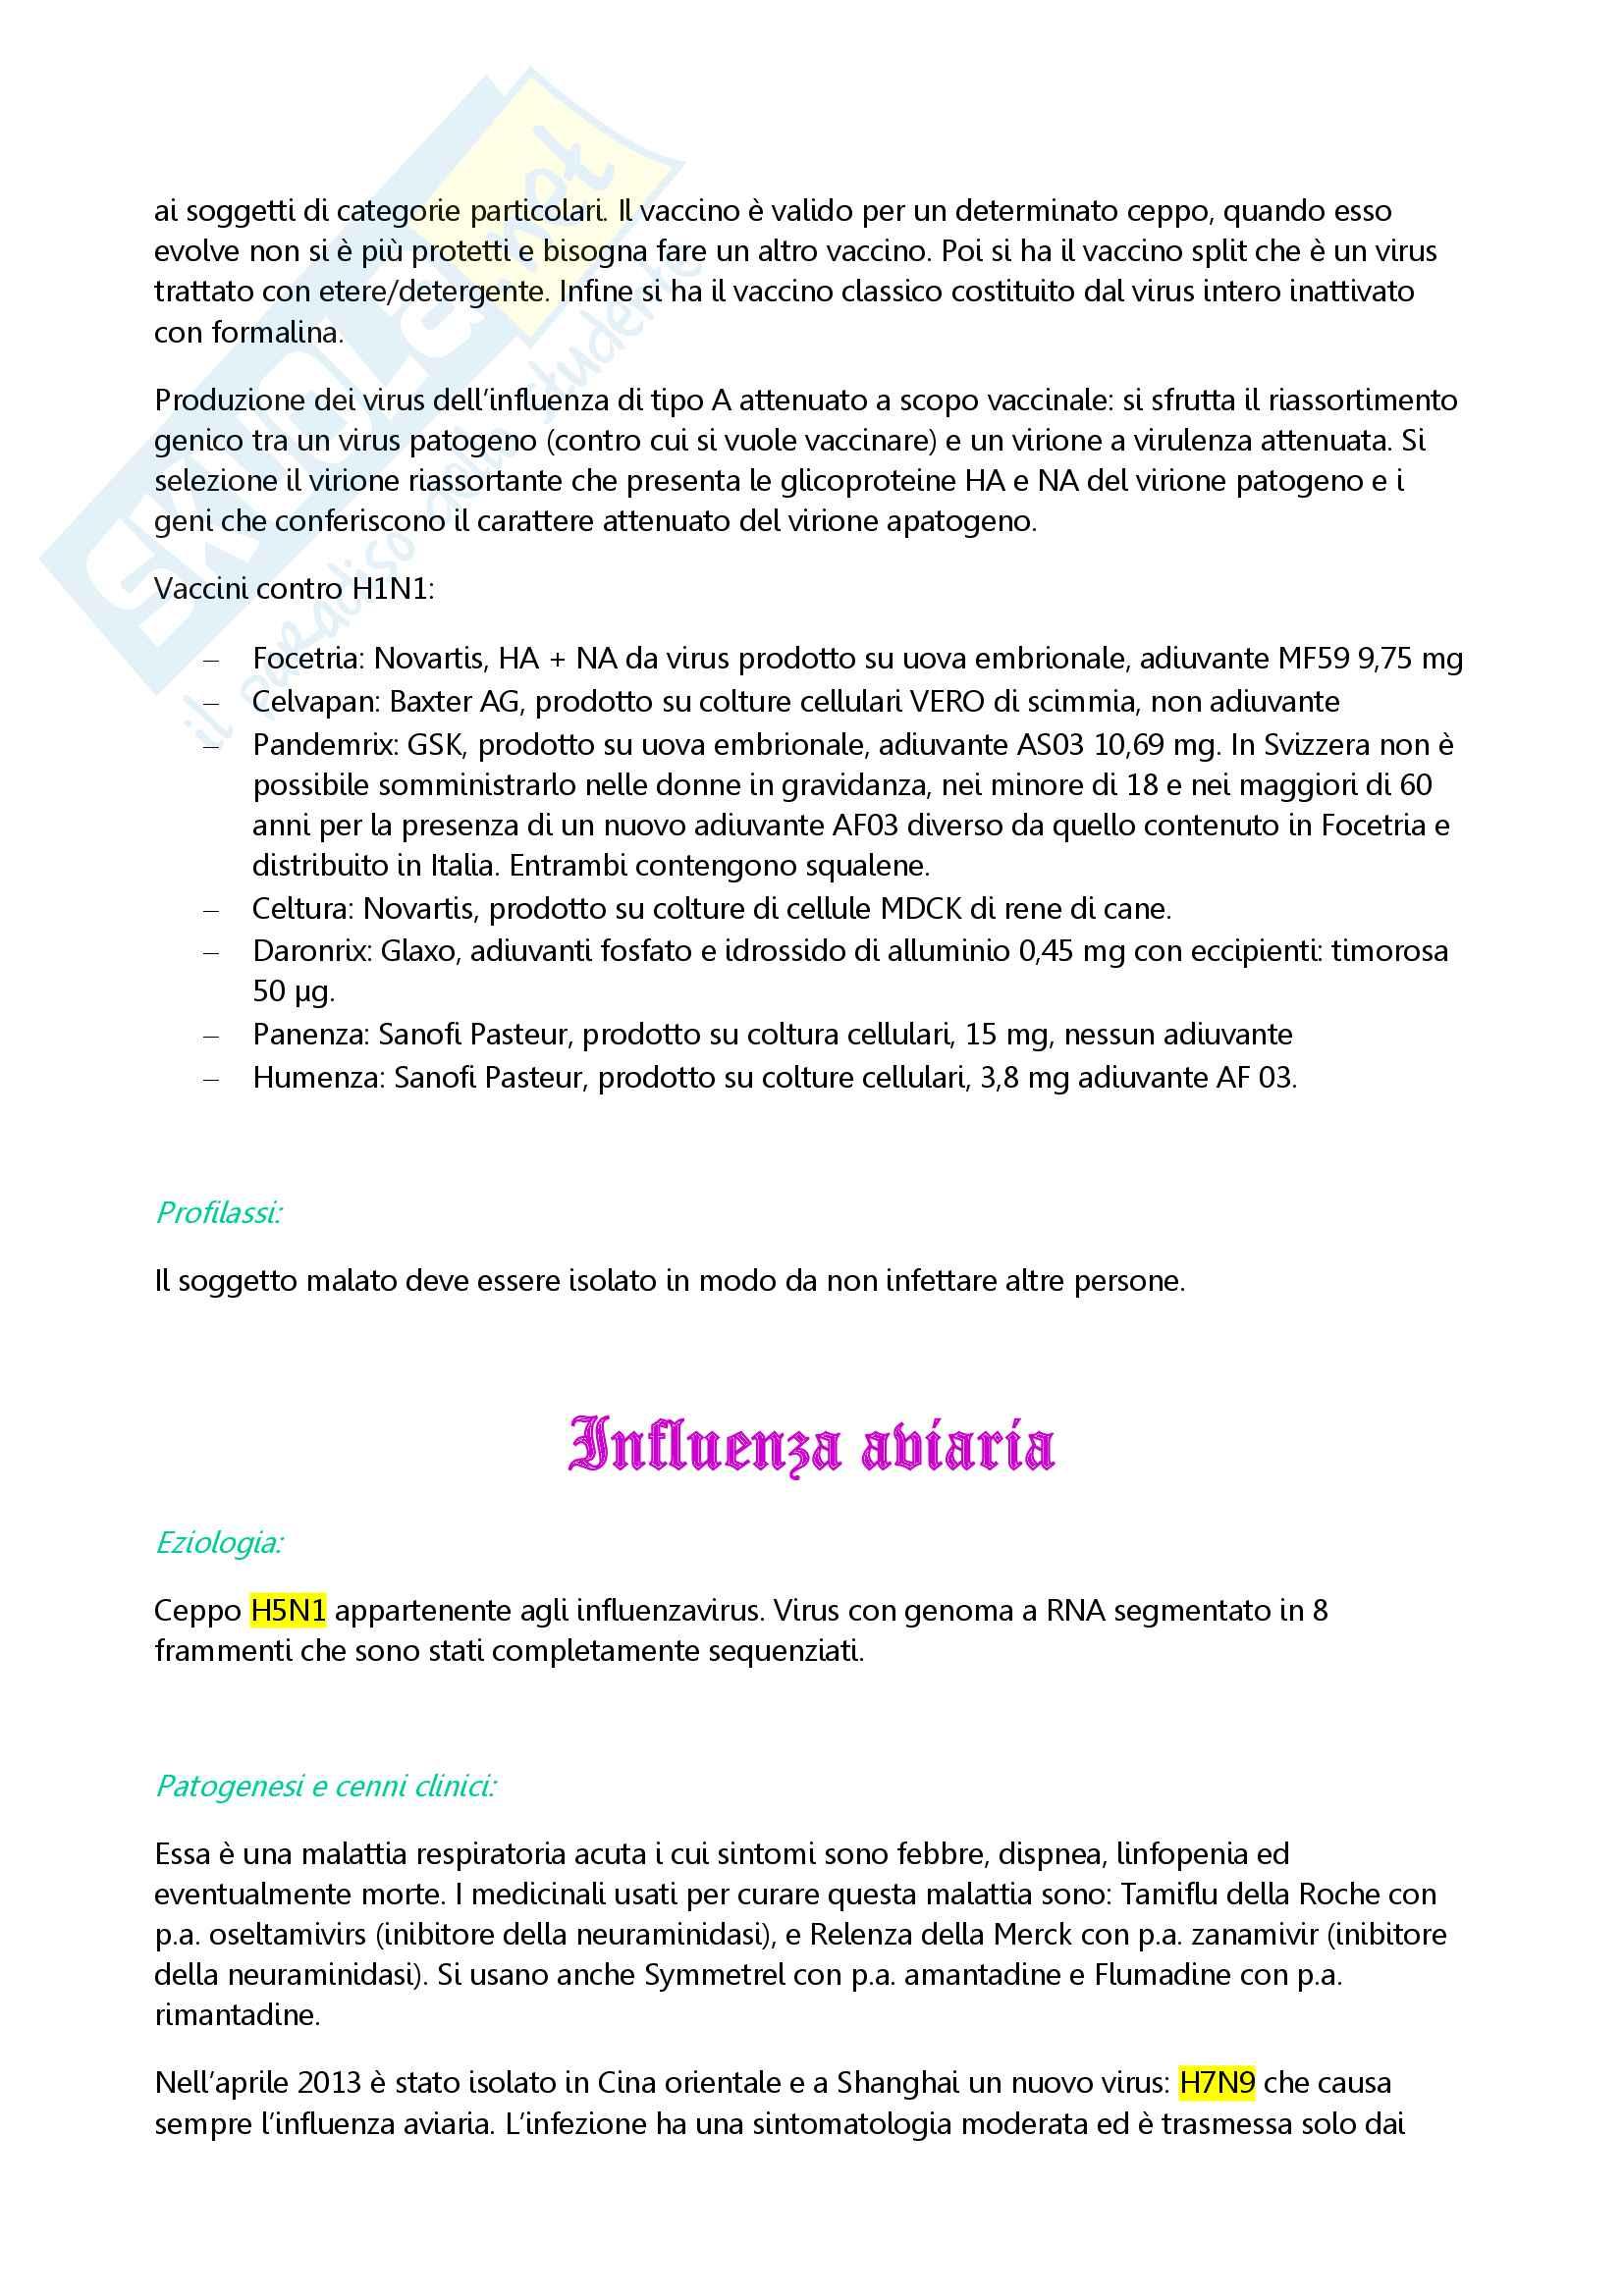 Le malattie infettive Pag. 11